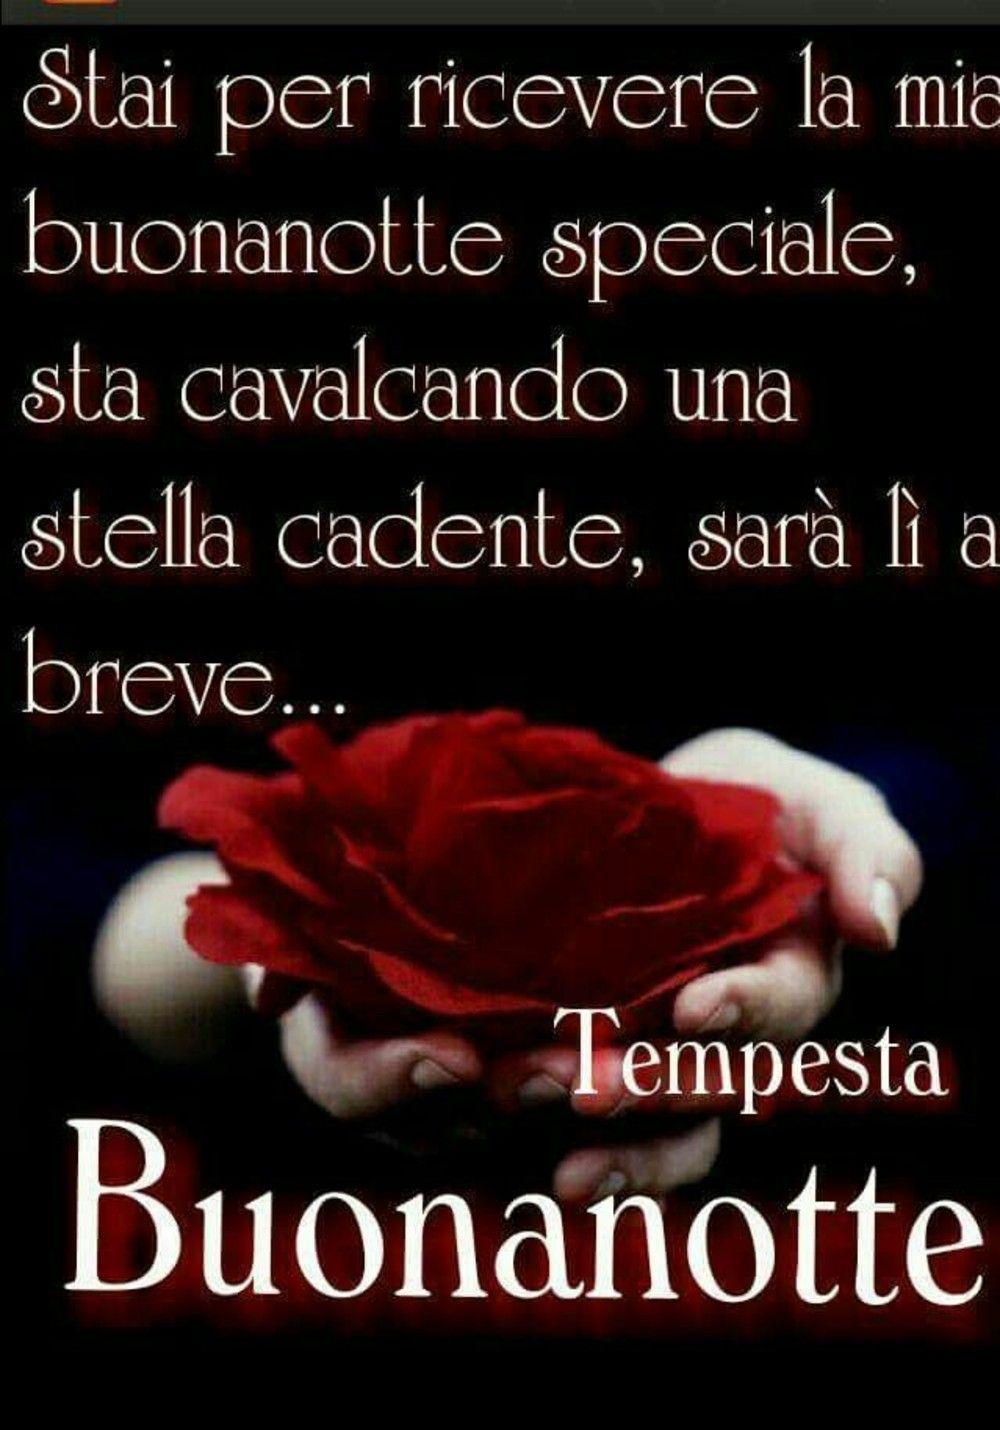 Immagini Per Buonanotte Facebook Buona Notte Buonanotte